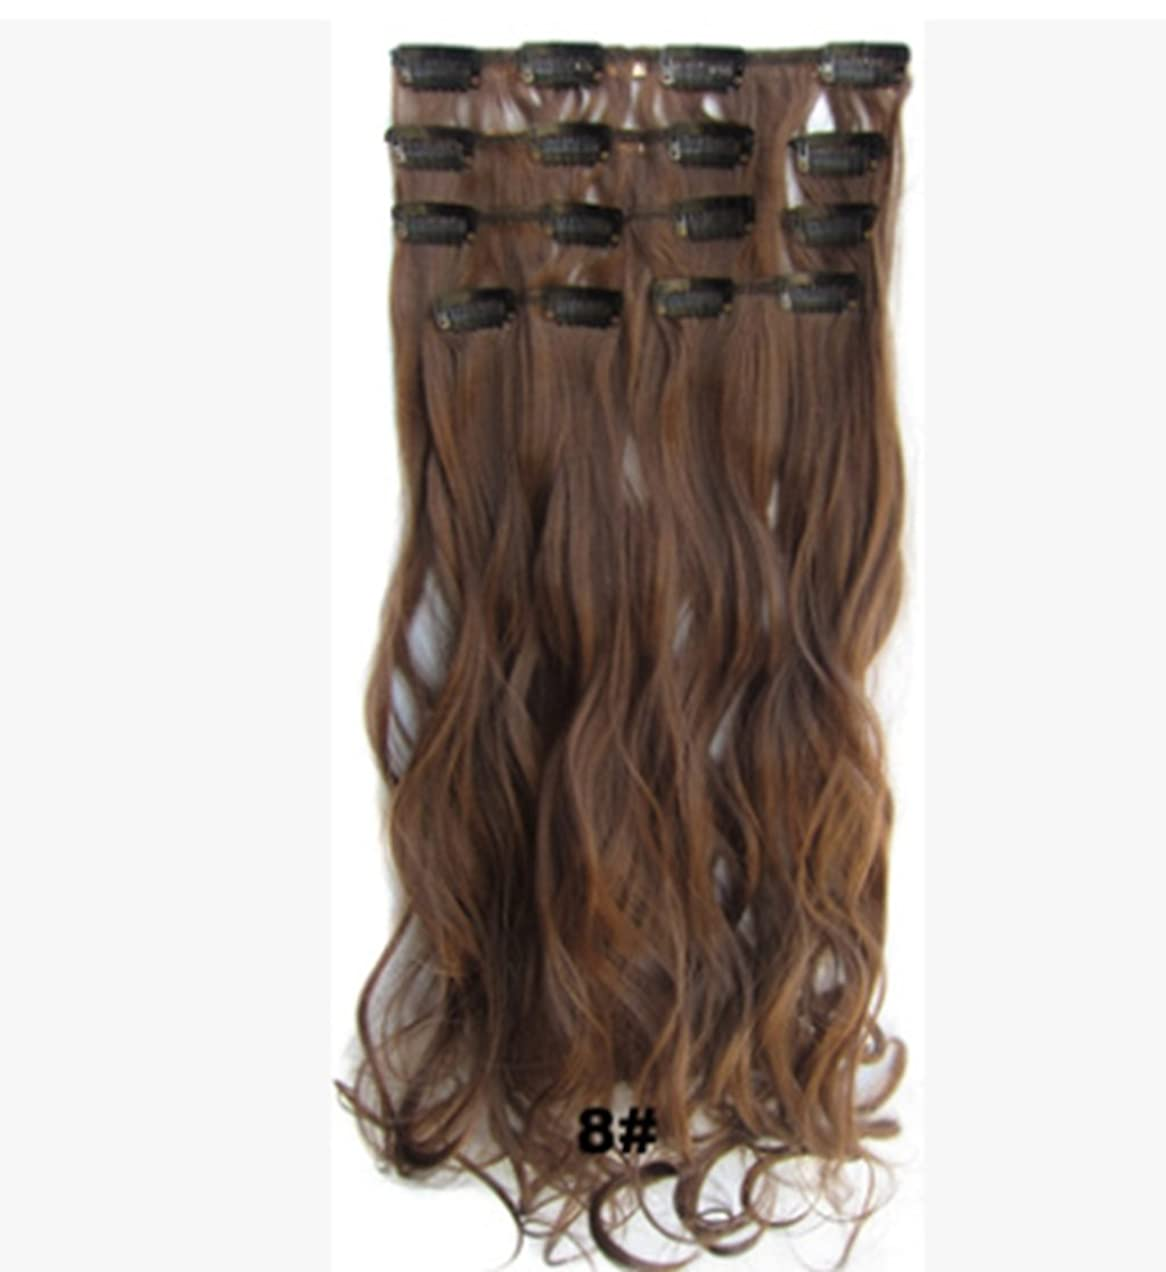 シャベル治安判事ユーザーKoloeplf 7 P/セット女性の長いカーリーヘアクリップヘアエクステンションワンピース(ダークブラウン、ゴールデンイエロー、ライトブラウン)55cm 90g (Color : Light brown)